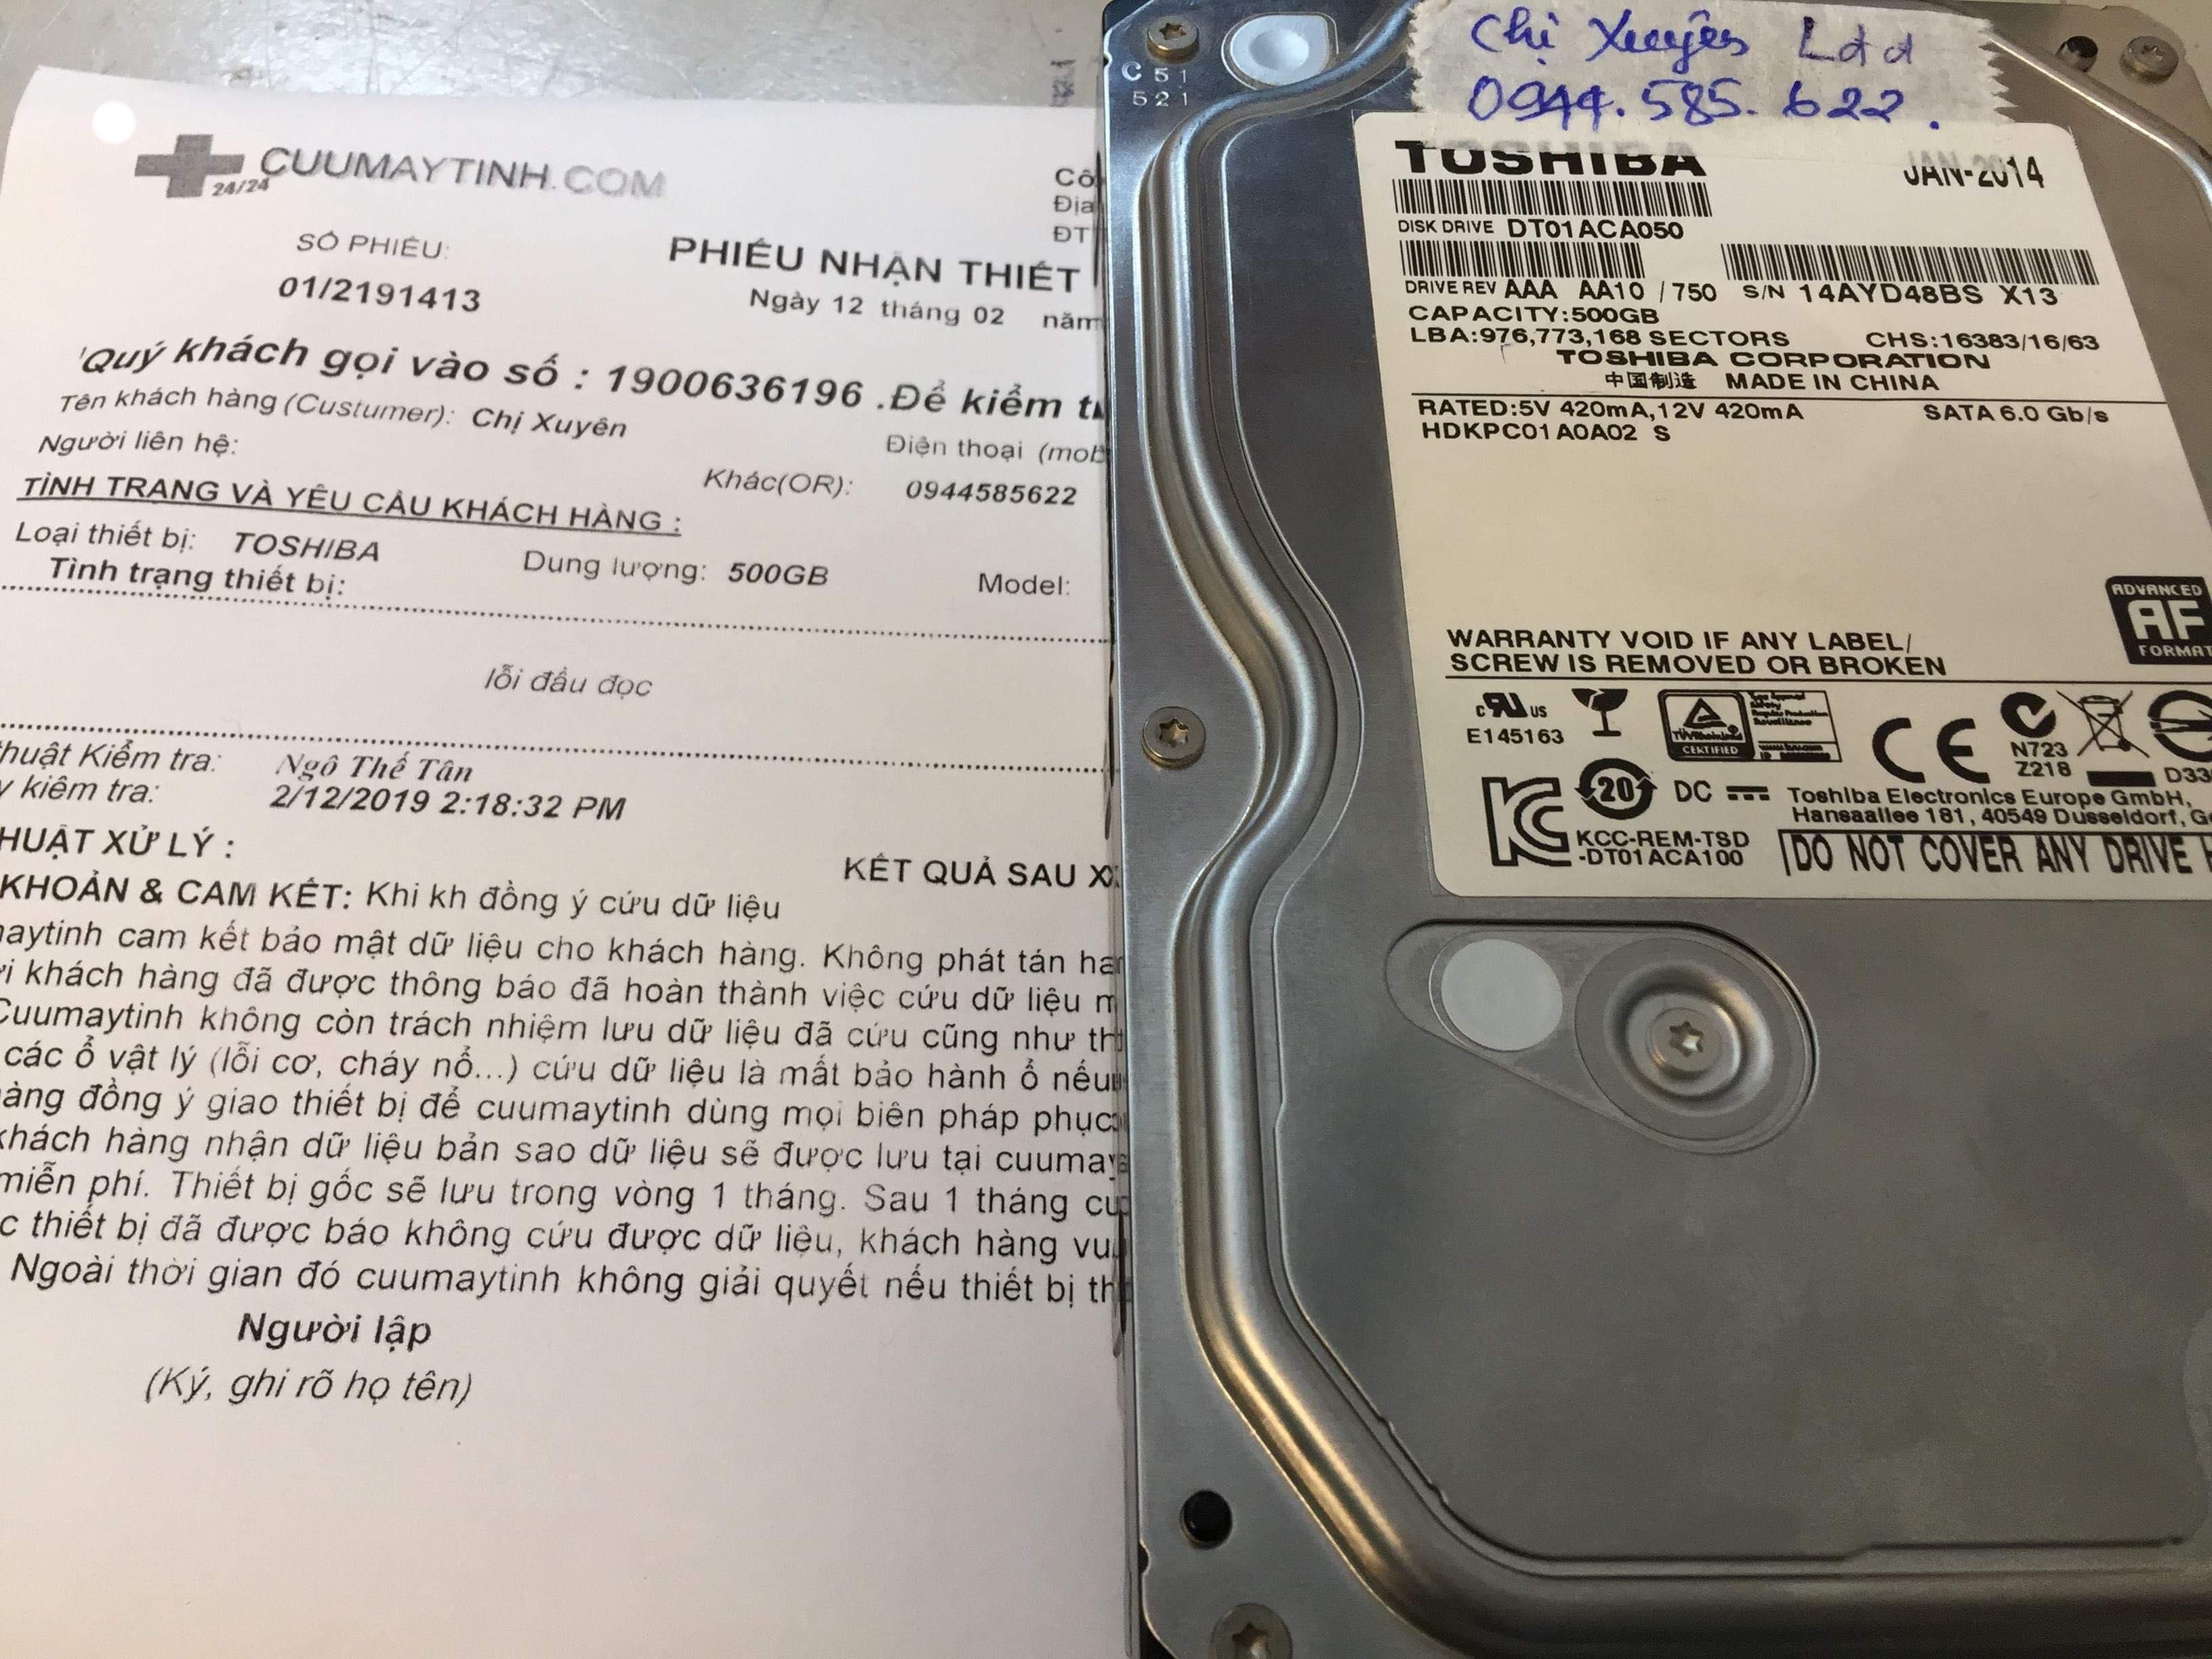 Khôi phục dữ liệu ổ cứng Toshiba 500GB lỗi đầu đọc 12/02/2019 - cuumaytinh